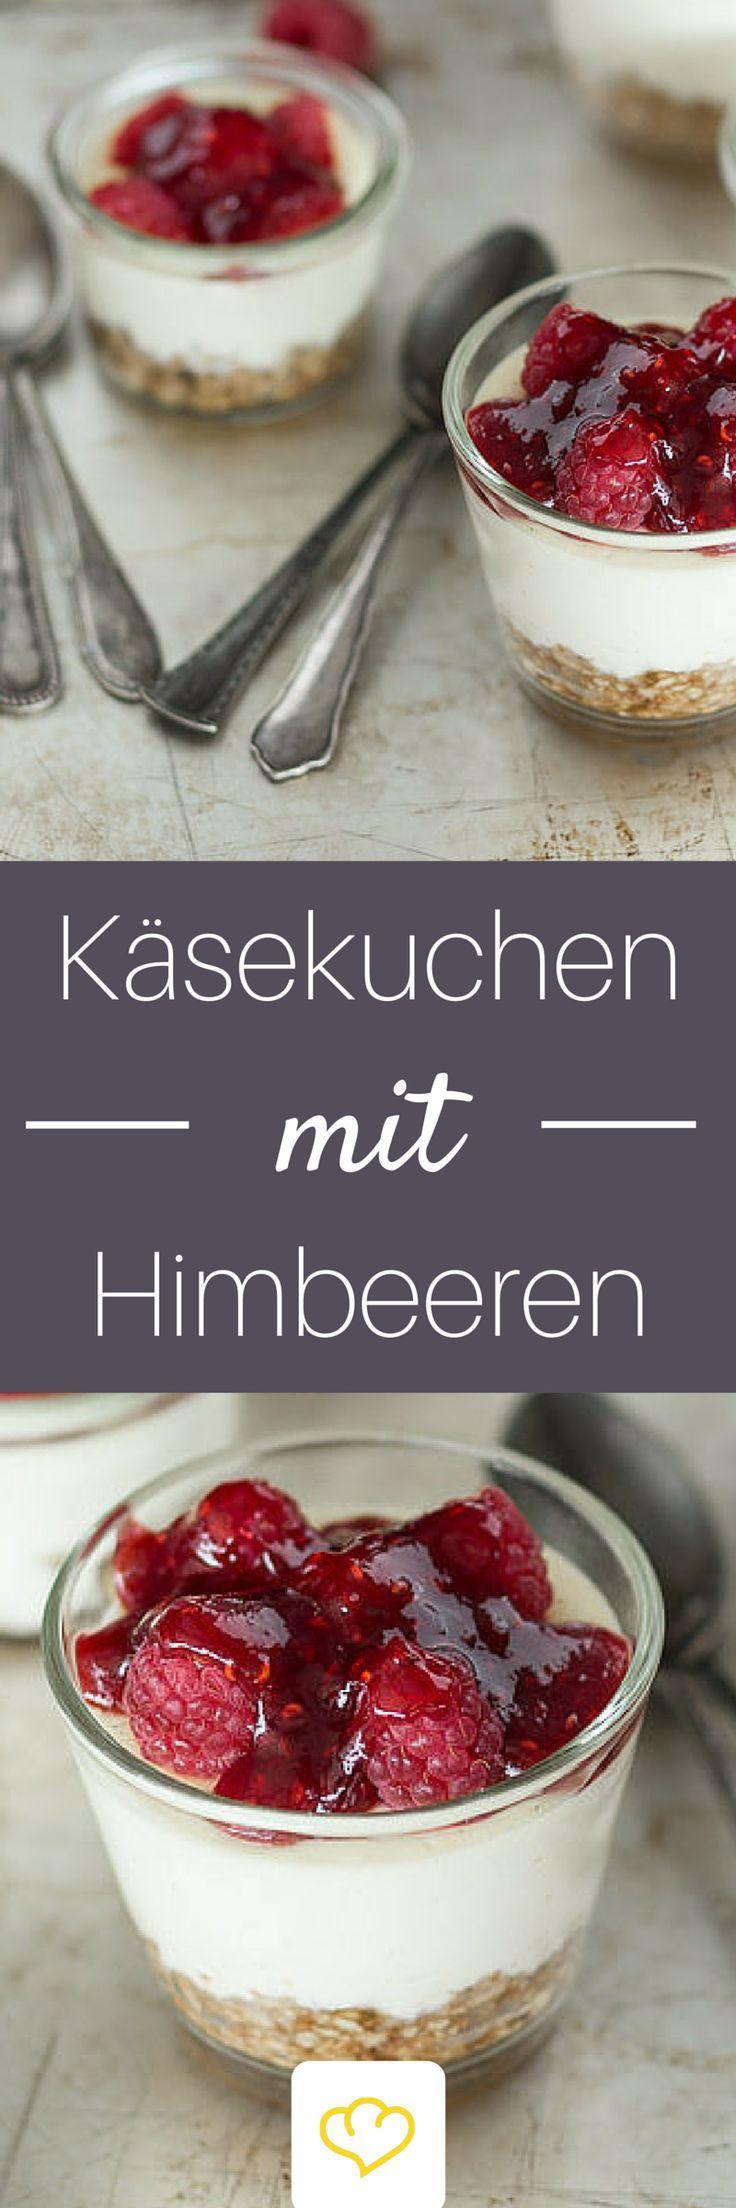 Himbeer-Käsekuchen im Glas: Die kleinen, feinen Dessertküchlein lassen sich easy zubereiten, sehen hübsch aus und schmecken auch noch himmlisch lecker. Wenn das kein krönender Abschluss für jedes Menü ist.